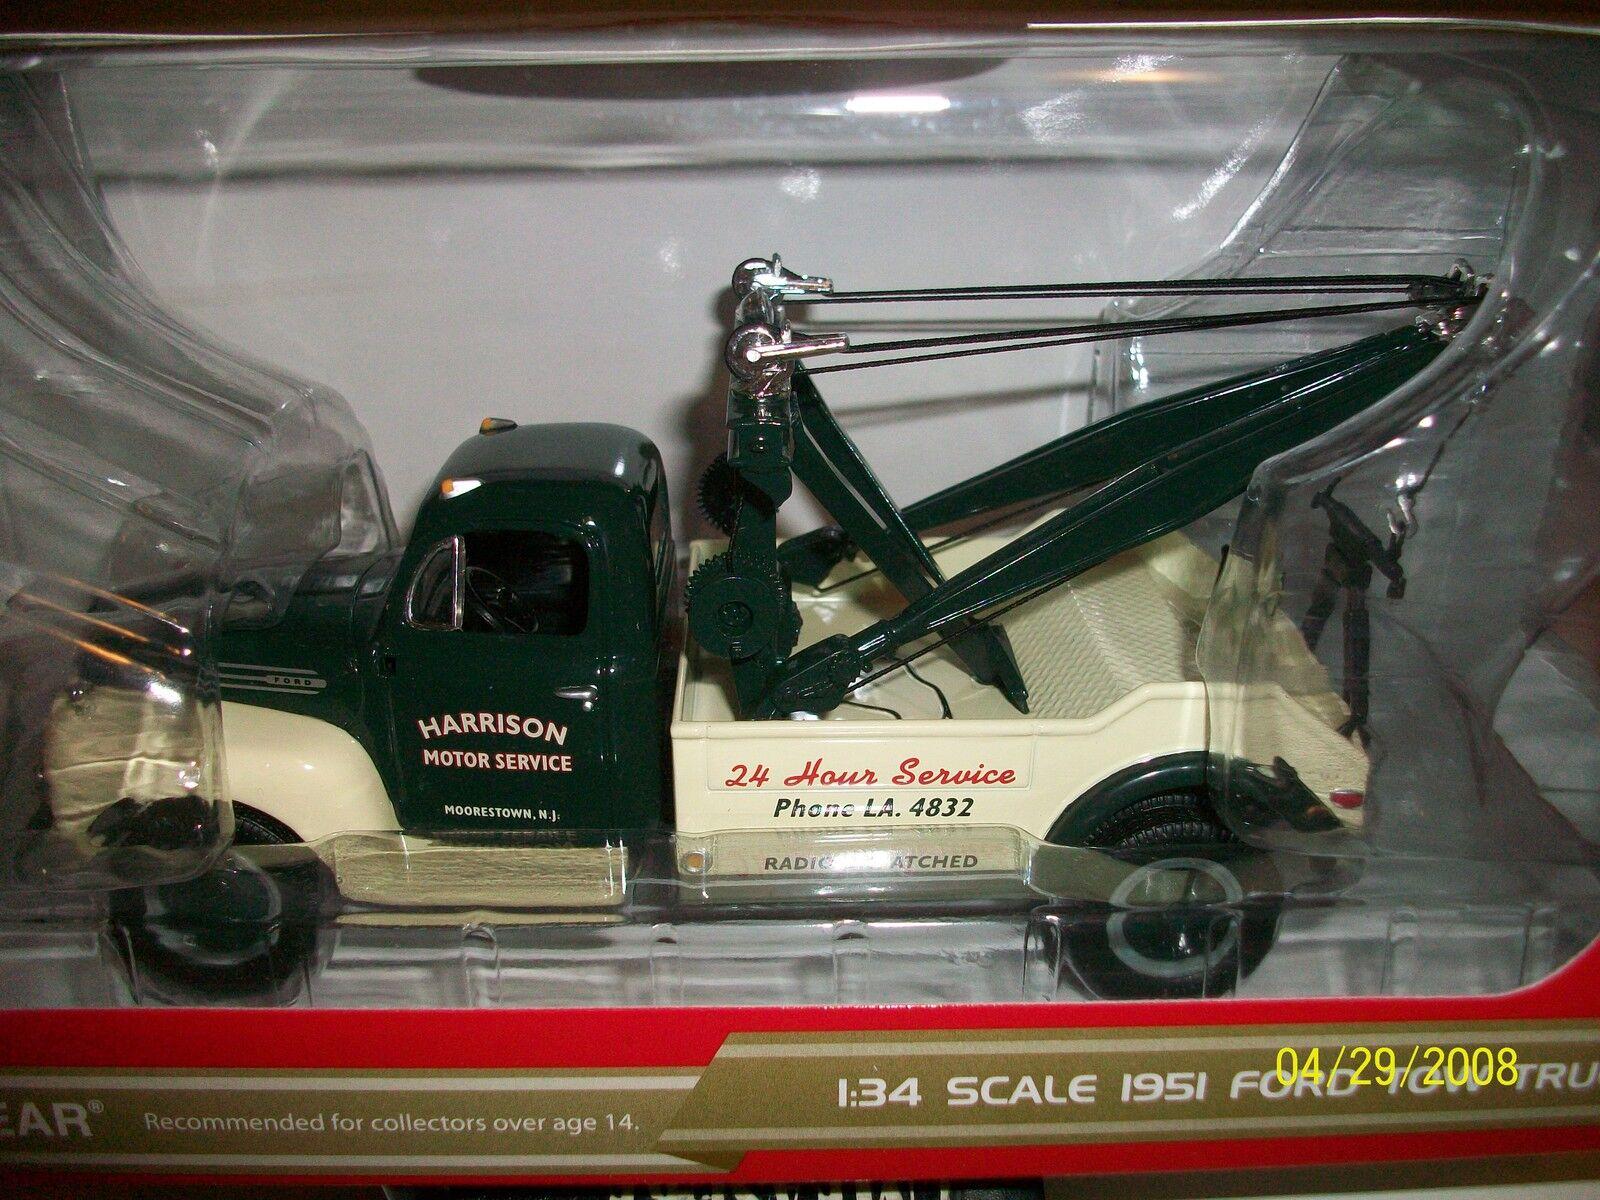 First Gear Harrison Motor Service 1951 FORD remorquage Dépanneuse lourde   10-3809 livraison gratuite